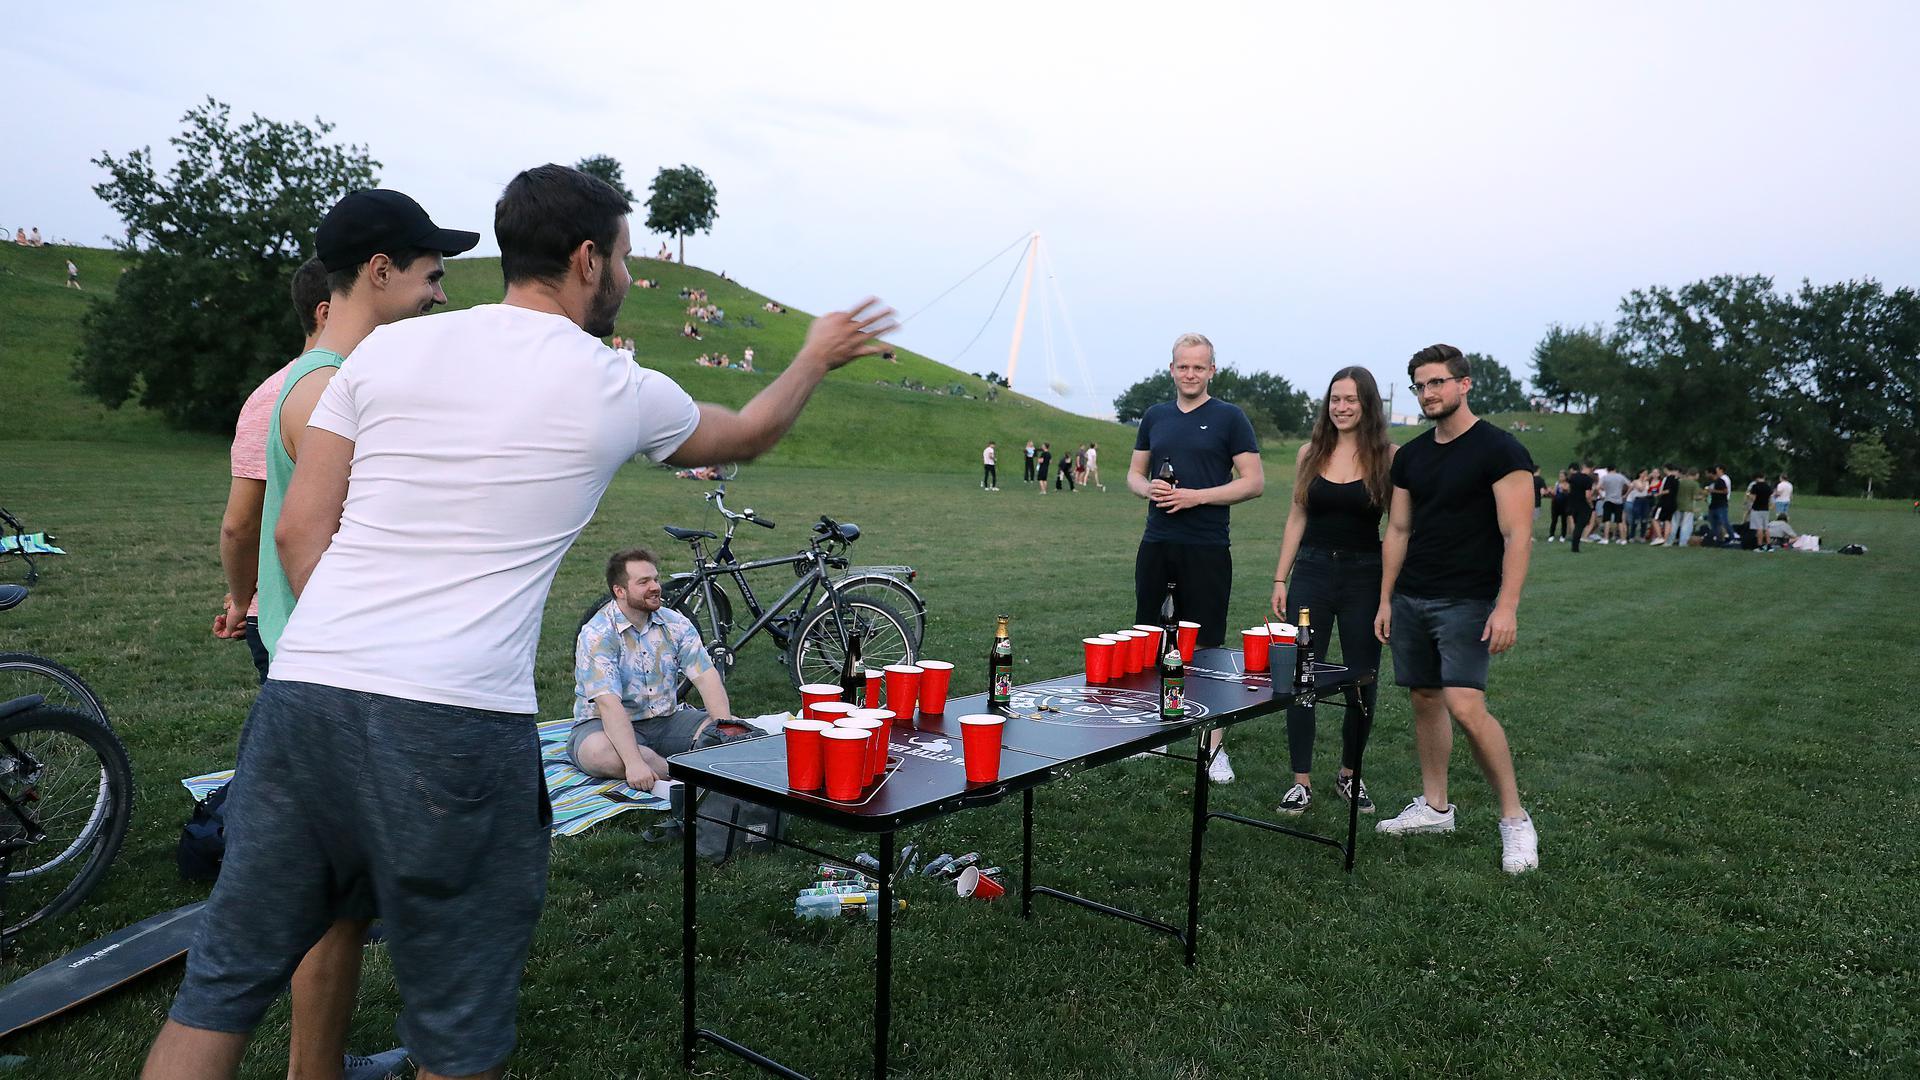 Junge Studenten spielen Beer-Pong in der Günther-Klotz-Anlage.